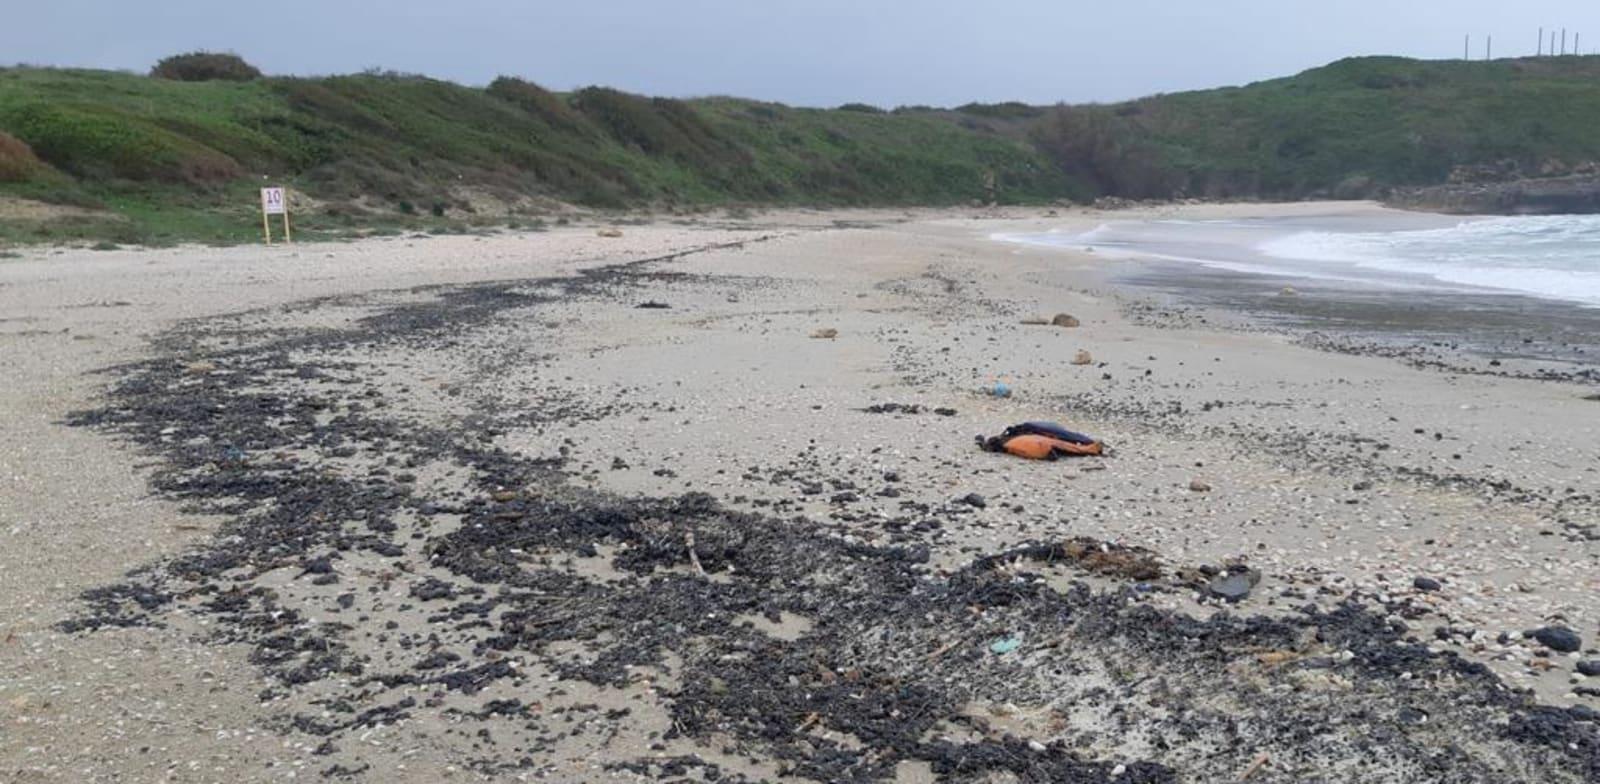 חוף דור מכוסה בזפת / צילום: יוסי אוזן, רשות הטבע והגנים